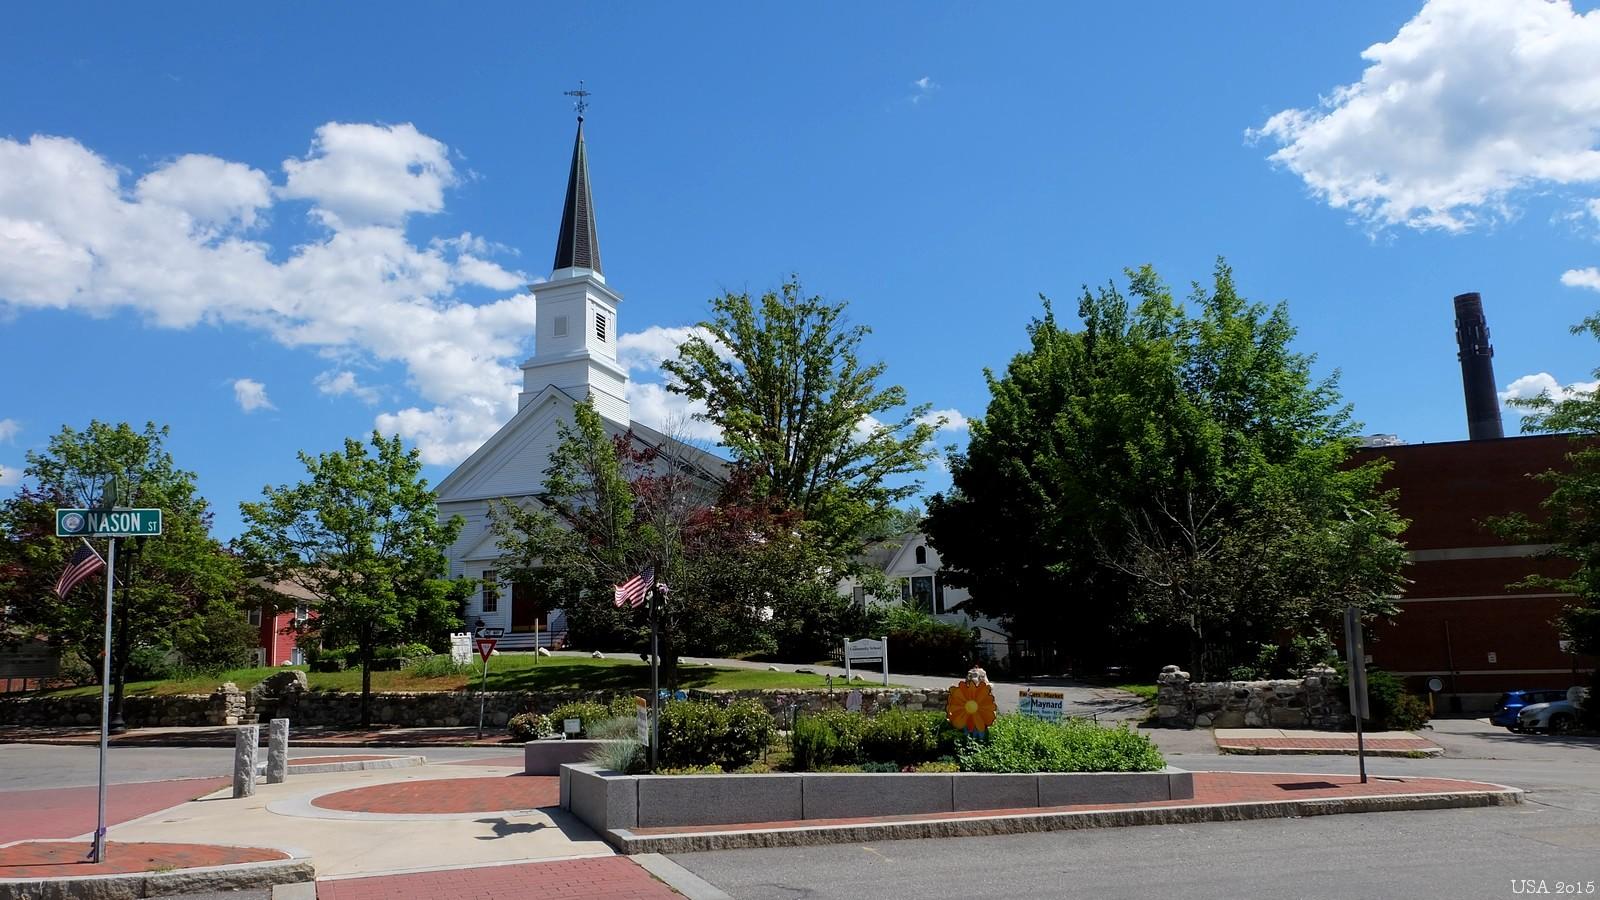 Maynard, MA, USA